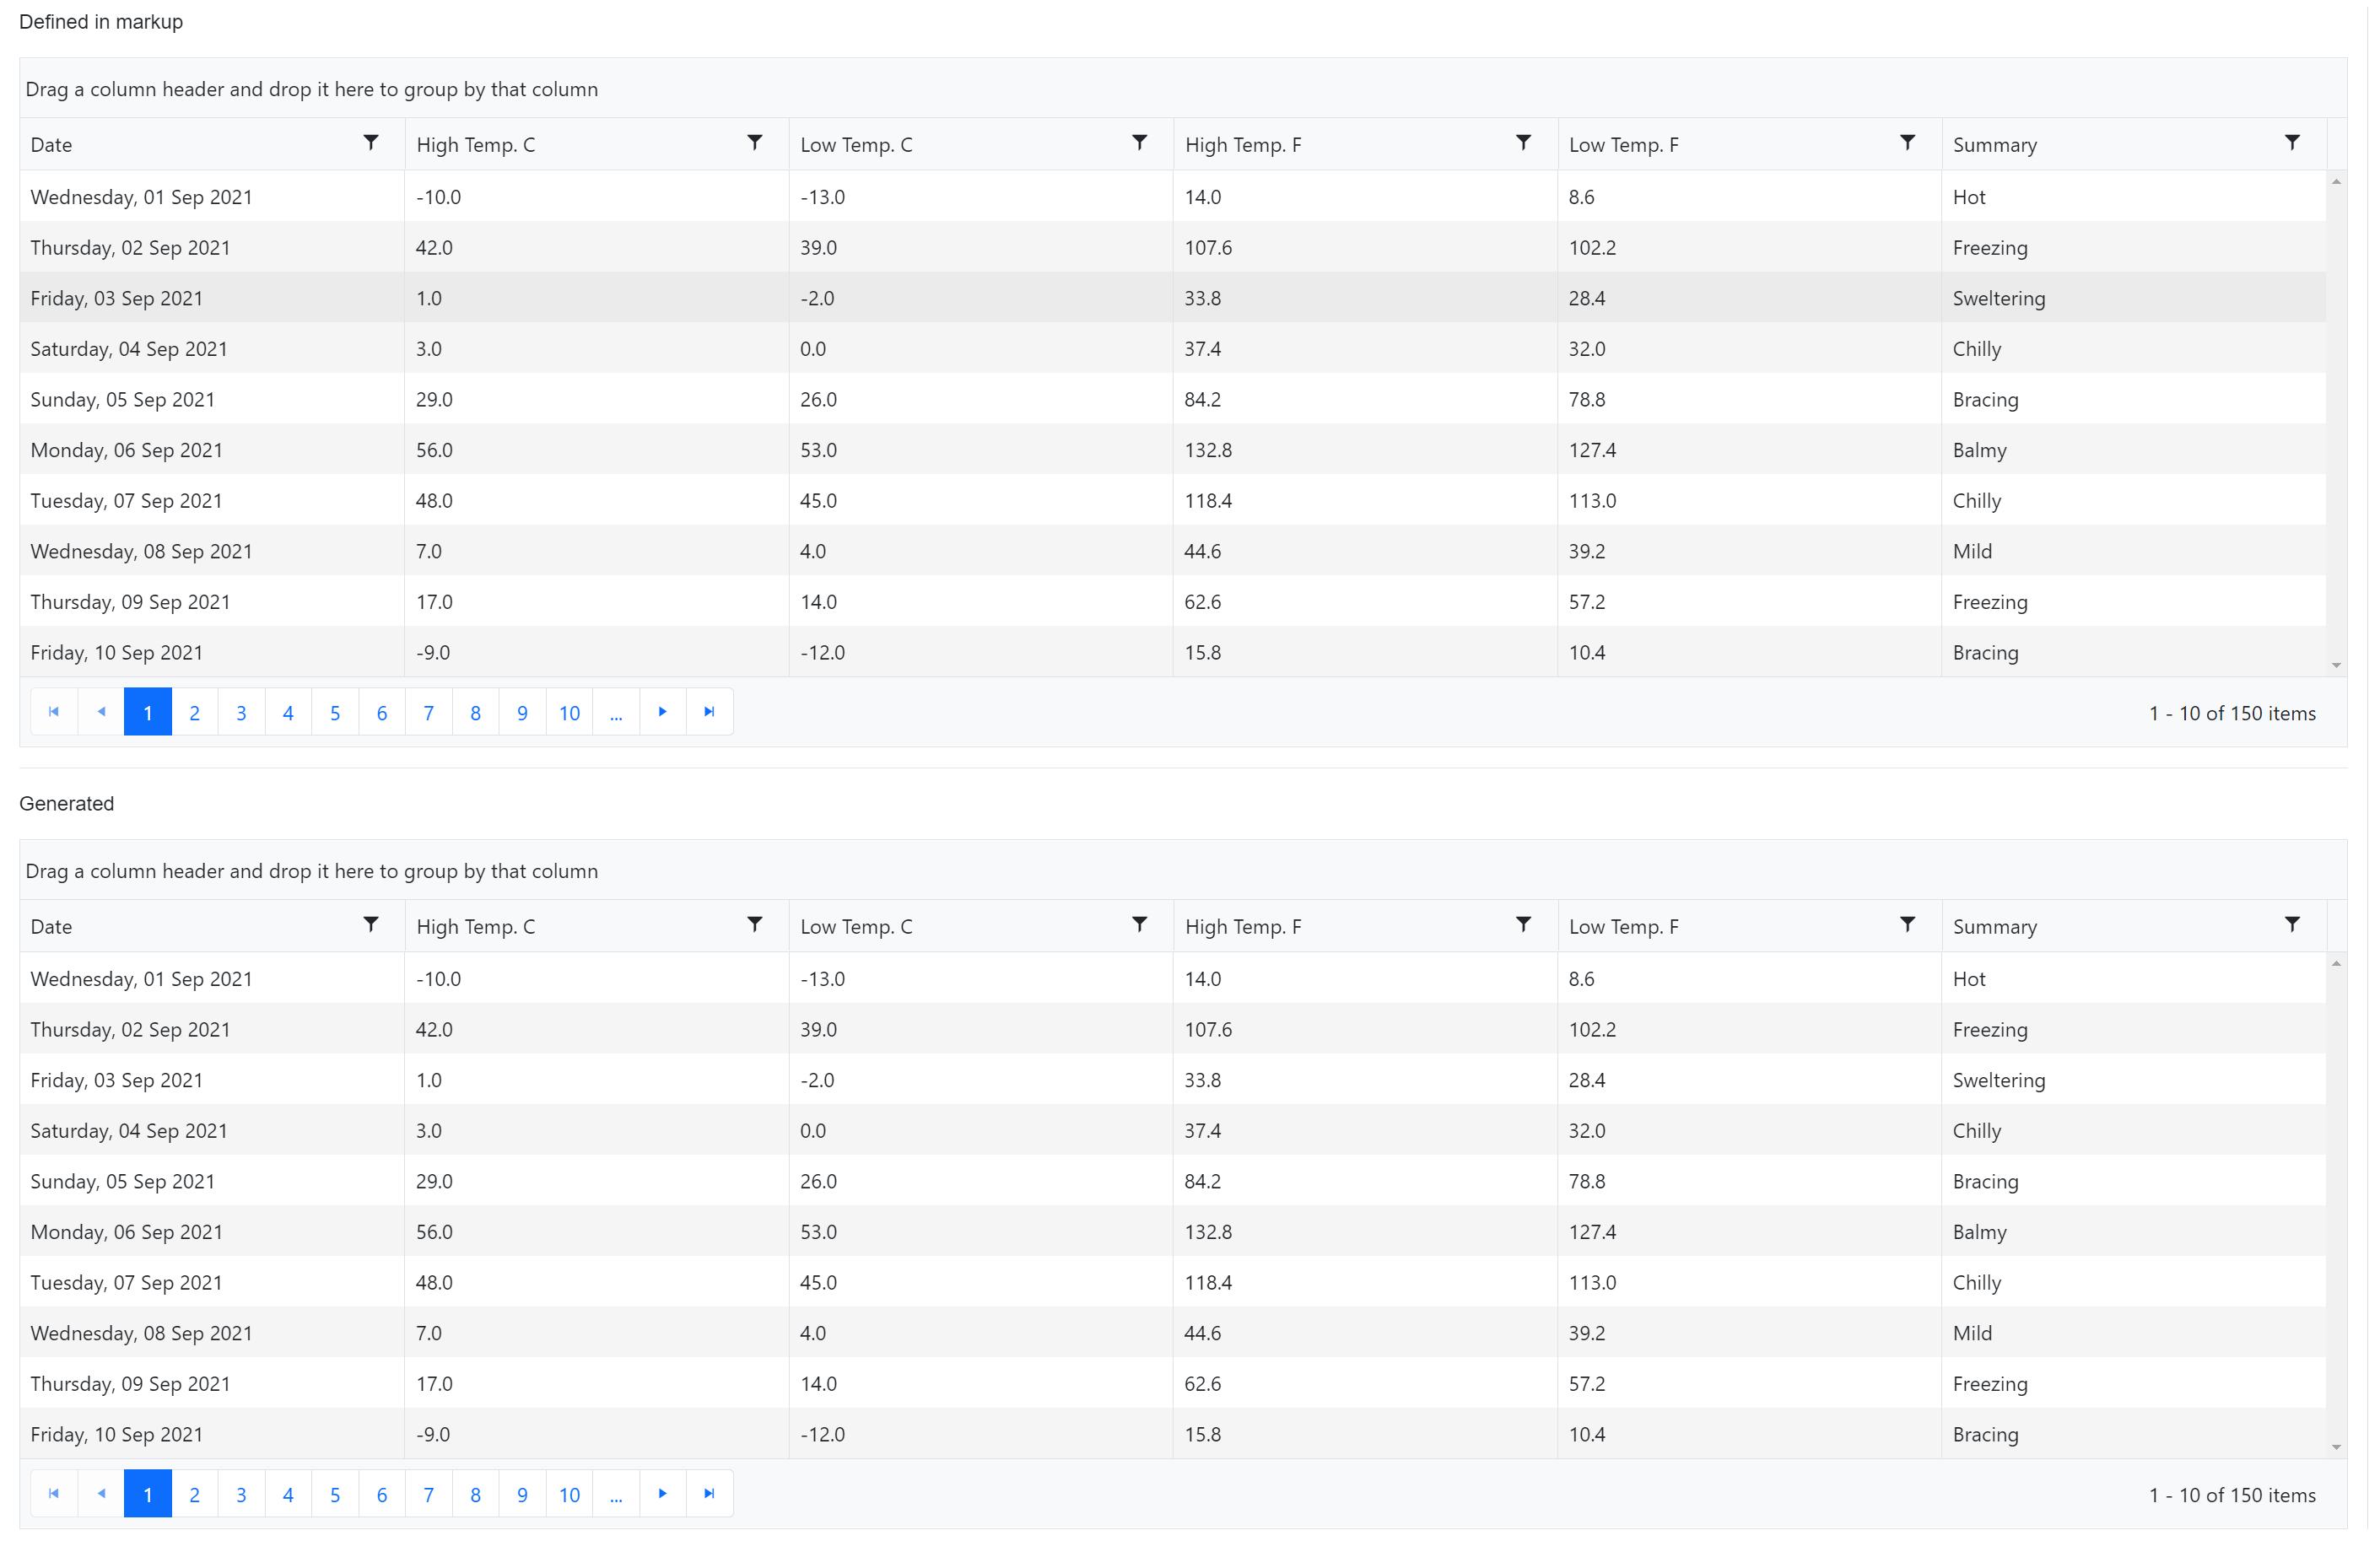 Markup vs. auto compared, no differences